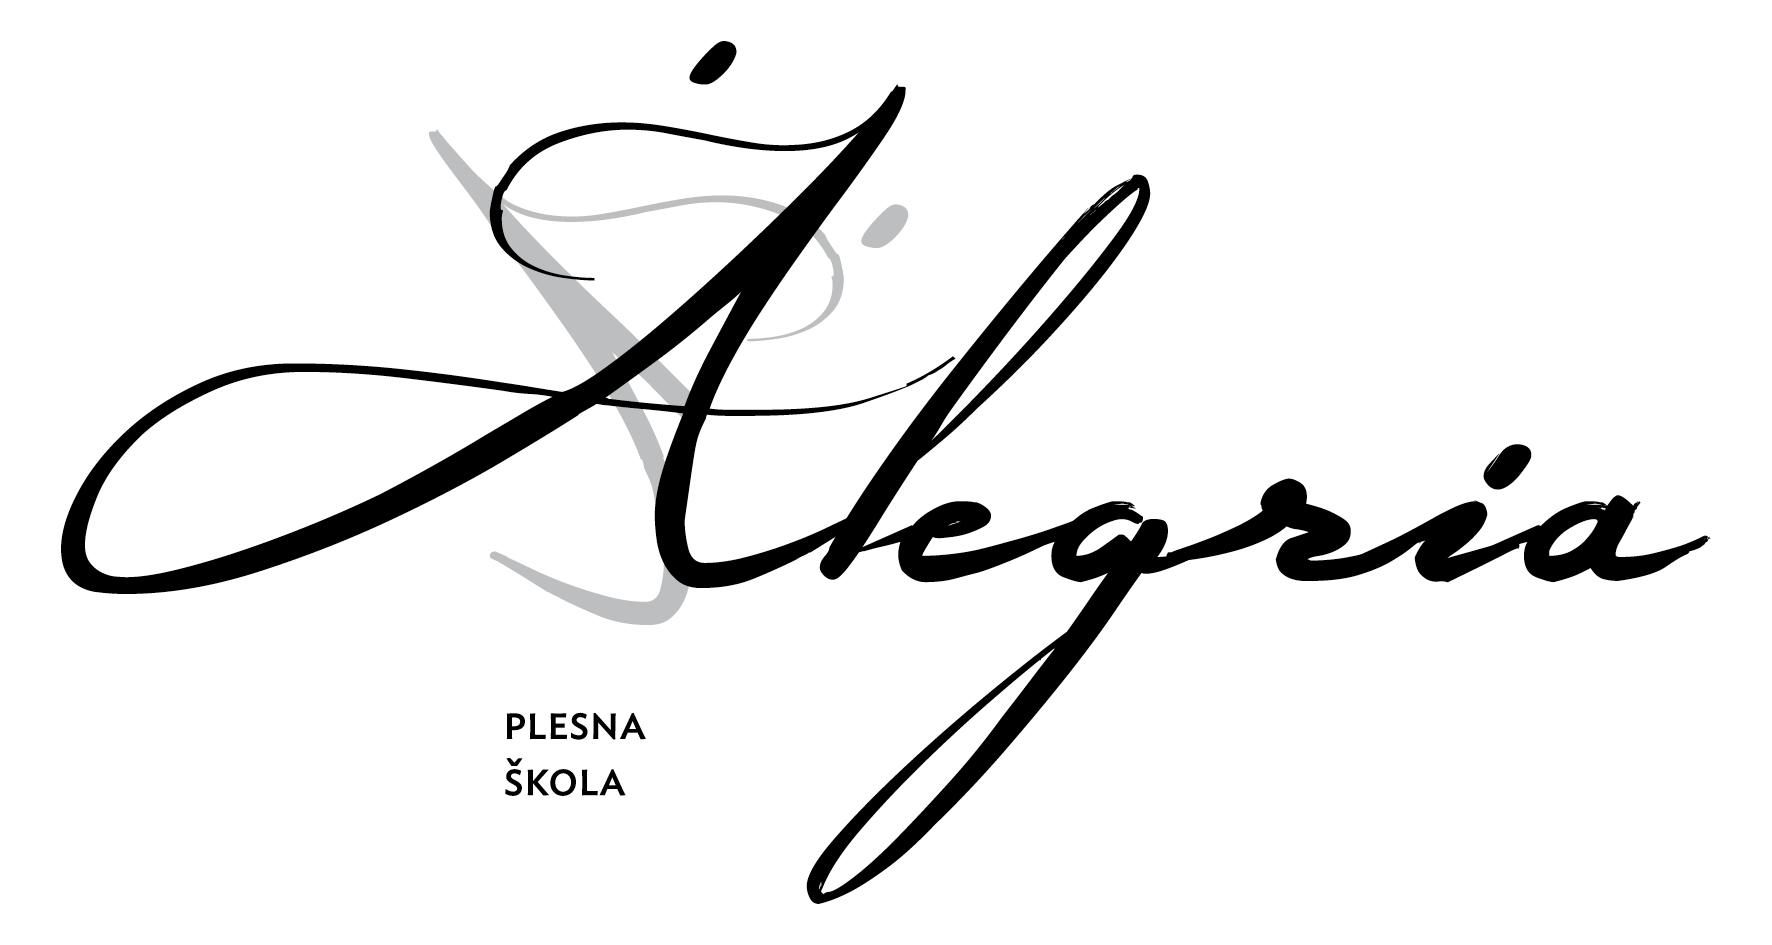 Plesna škola Alegria